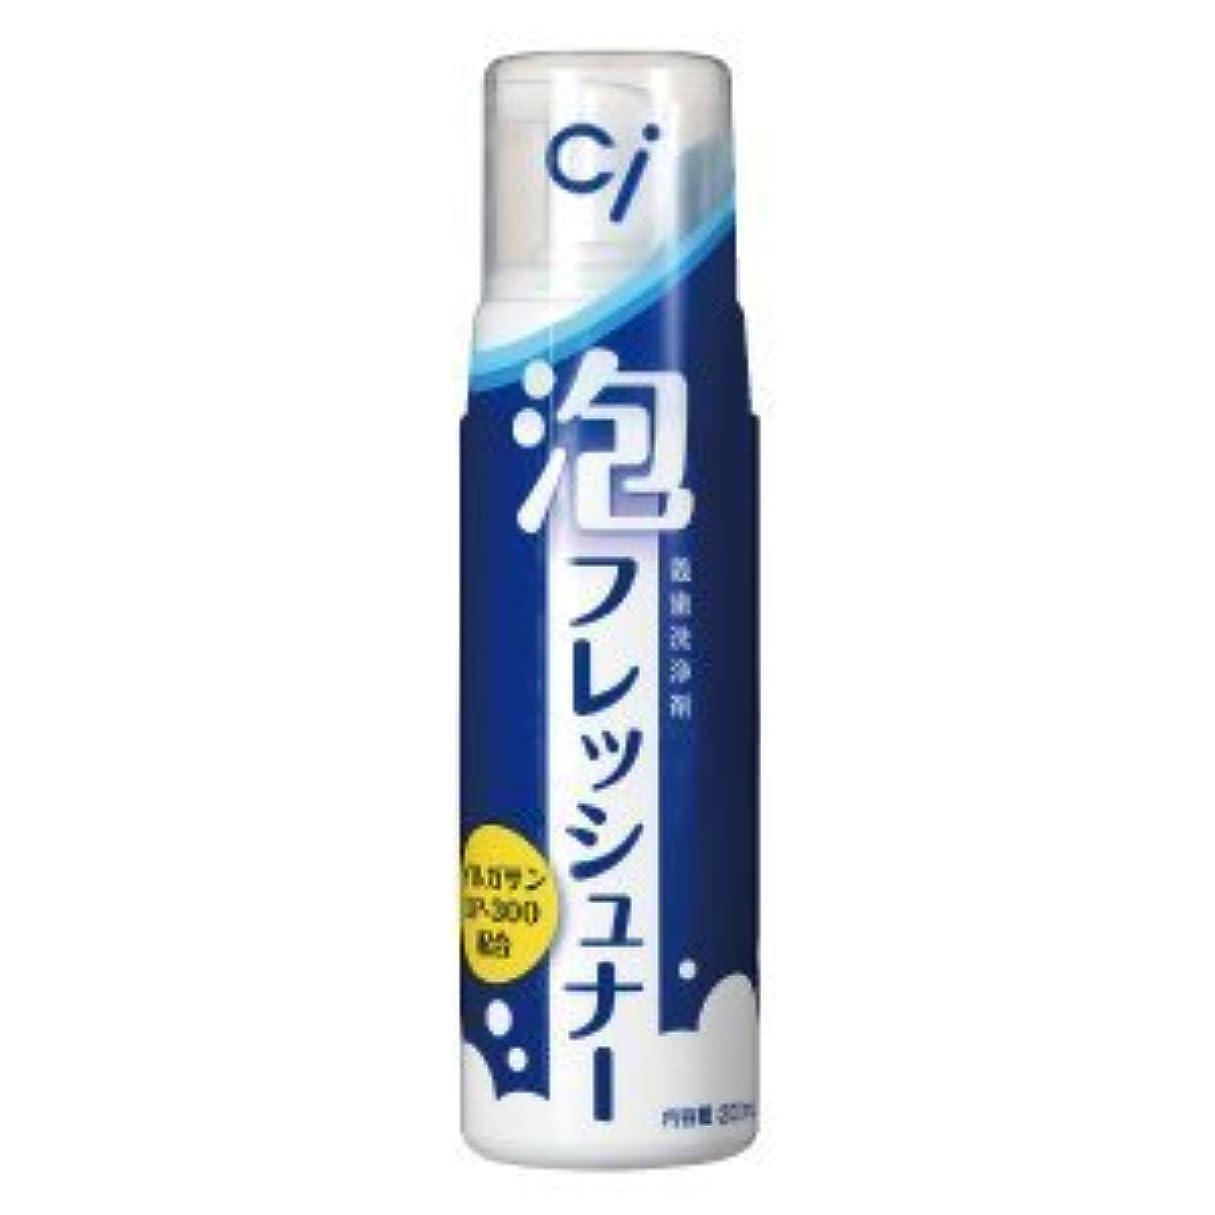 現像役割リクルートCi 泡フレッシュナー 義歯洗浄剤 1本(200ml)